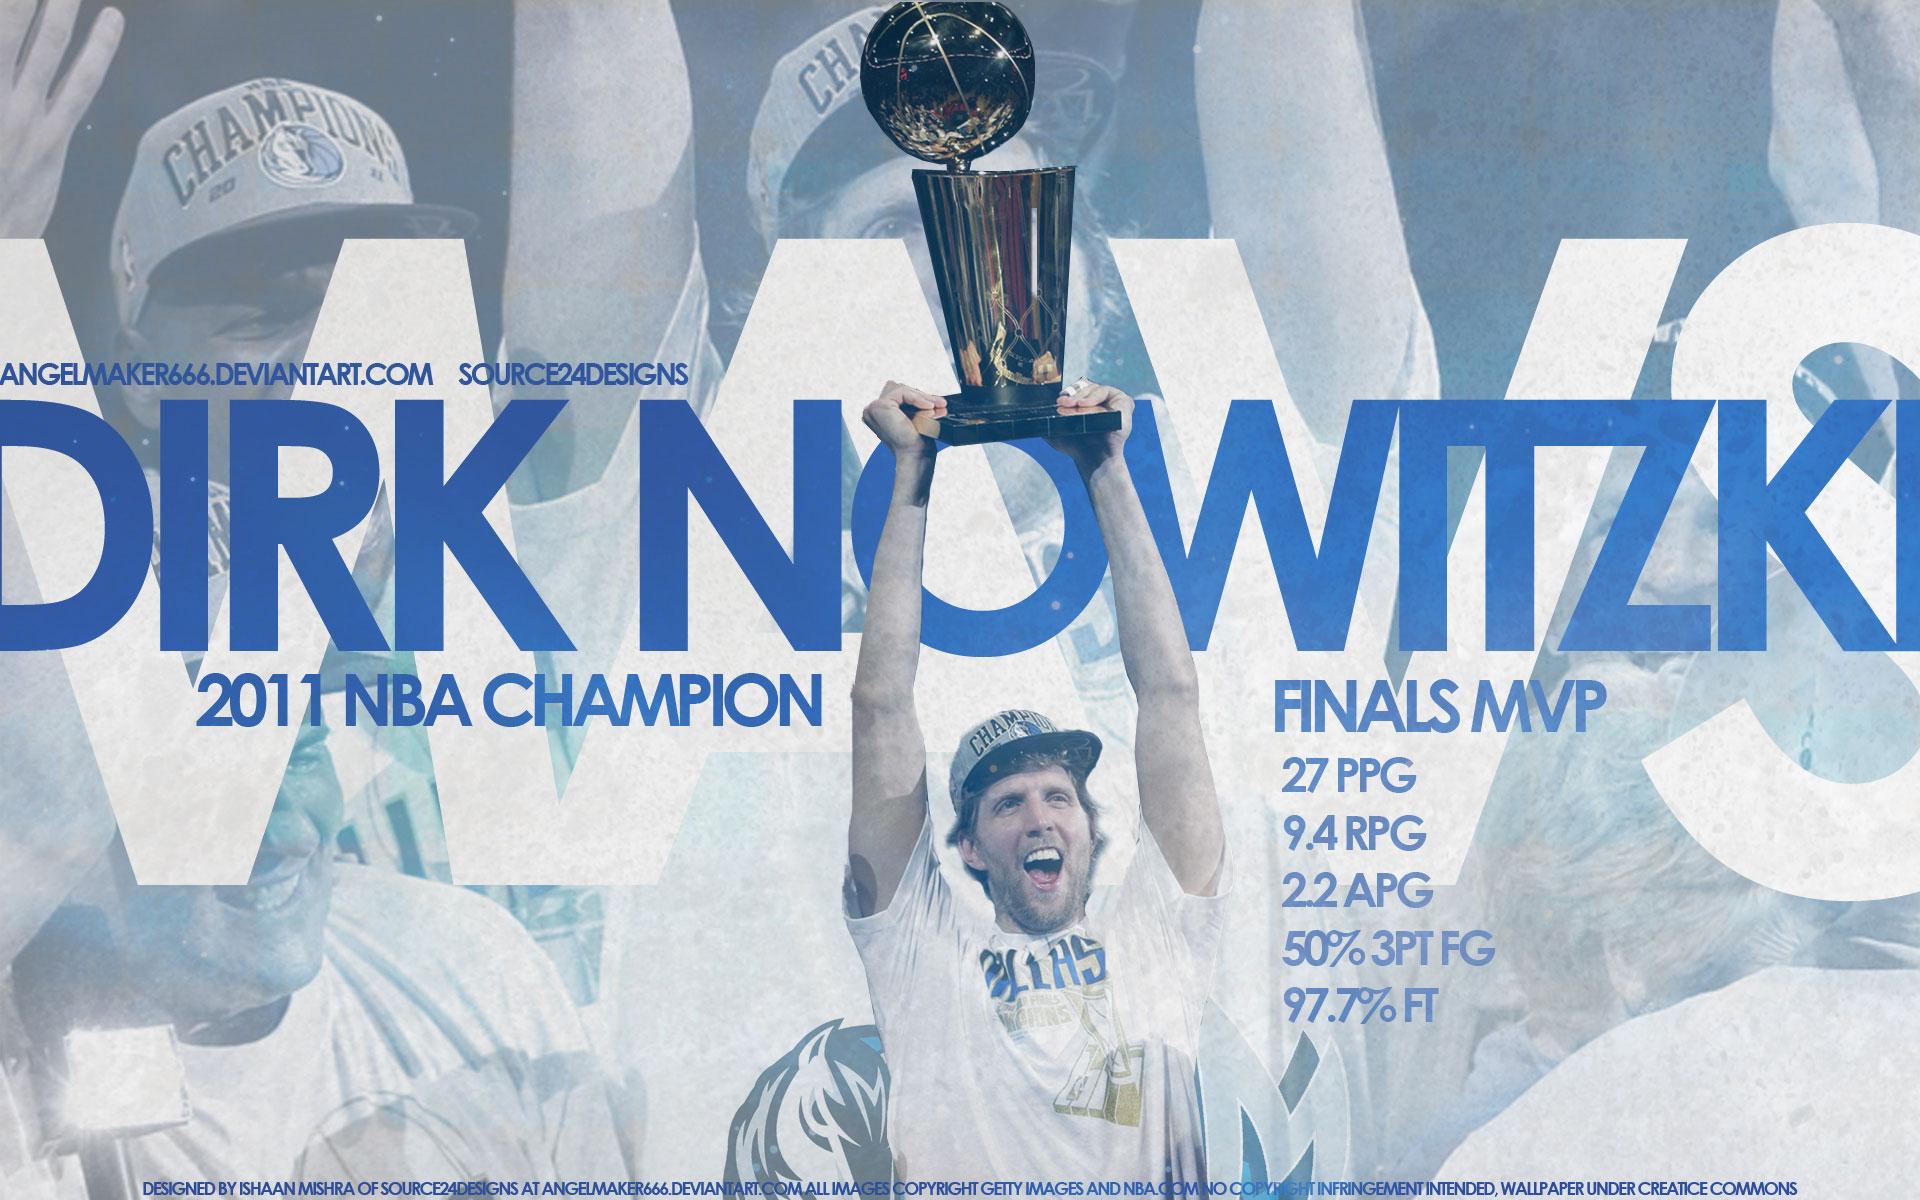 Dirk Nowitzki Nba Stats Dirk Nowitzki 2011 Nba Finals